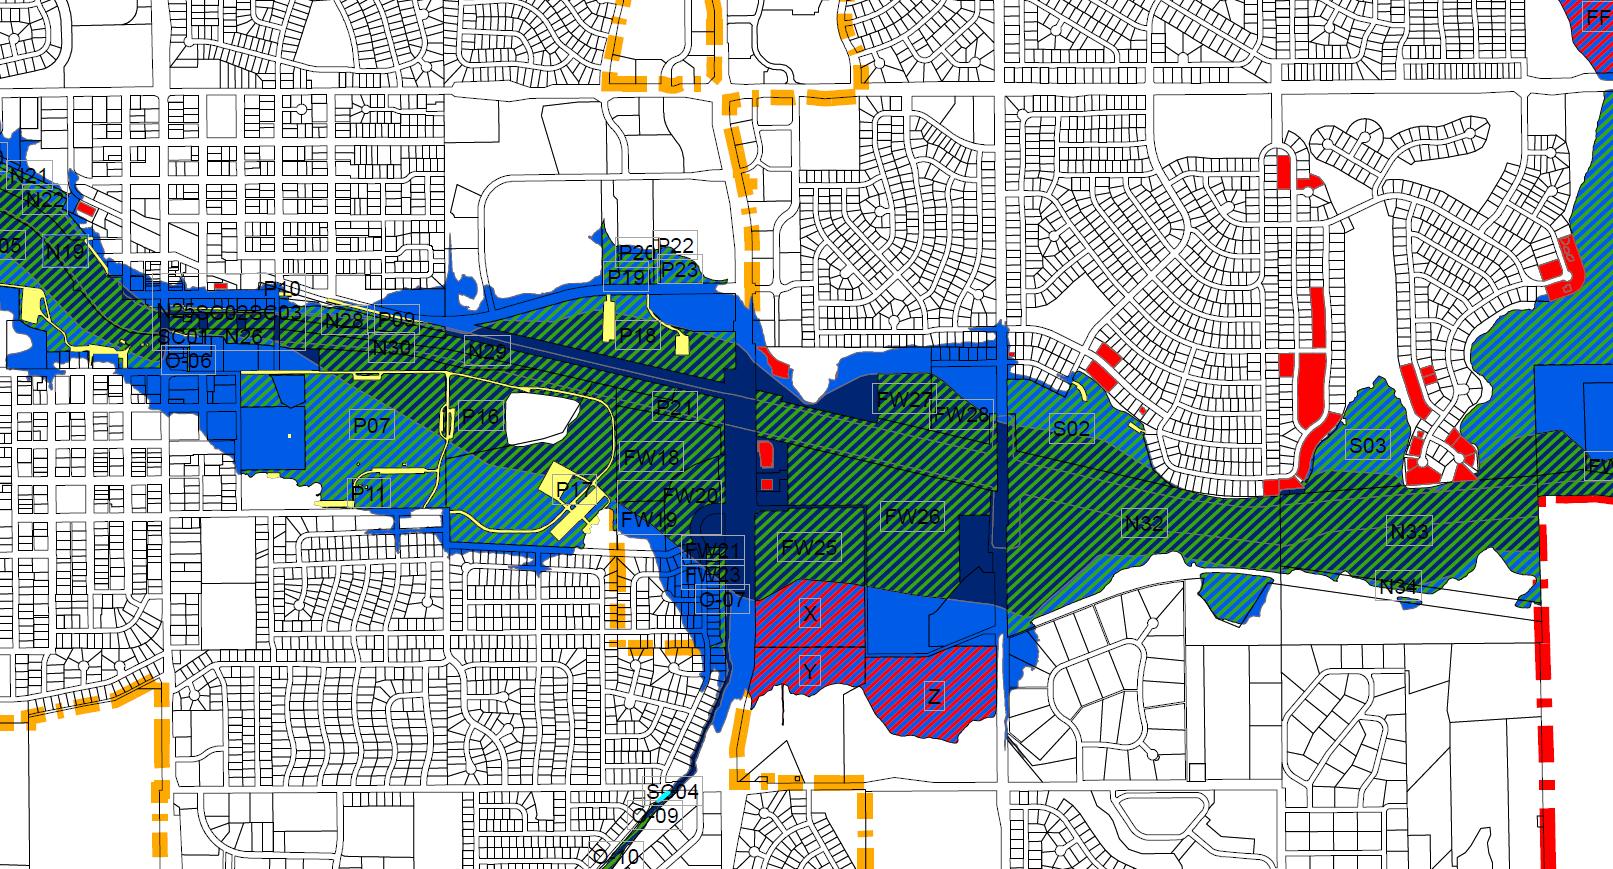 nebraska flood plain map Preserving Open Space In The Floodplain And Crs Department Of nebraska flood plain map